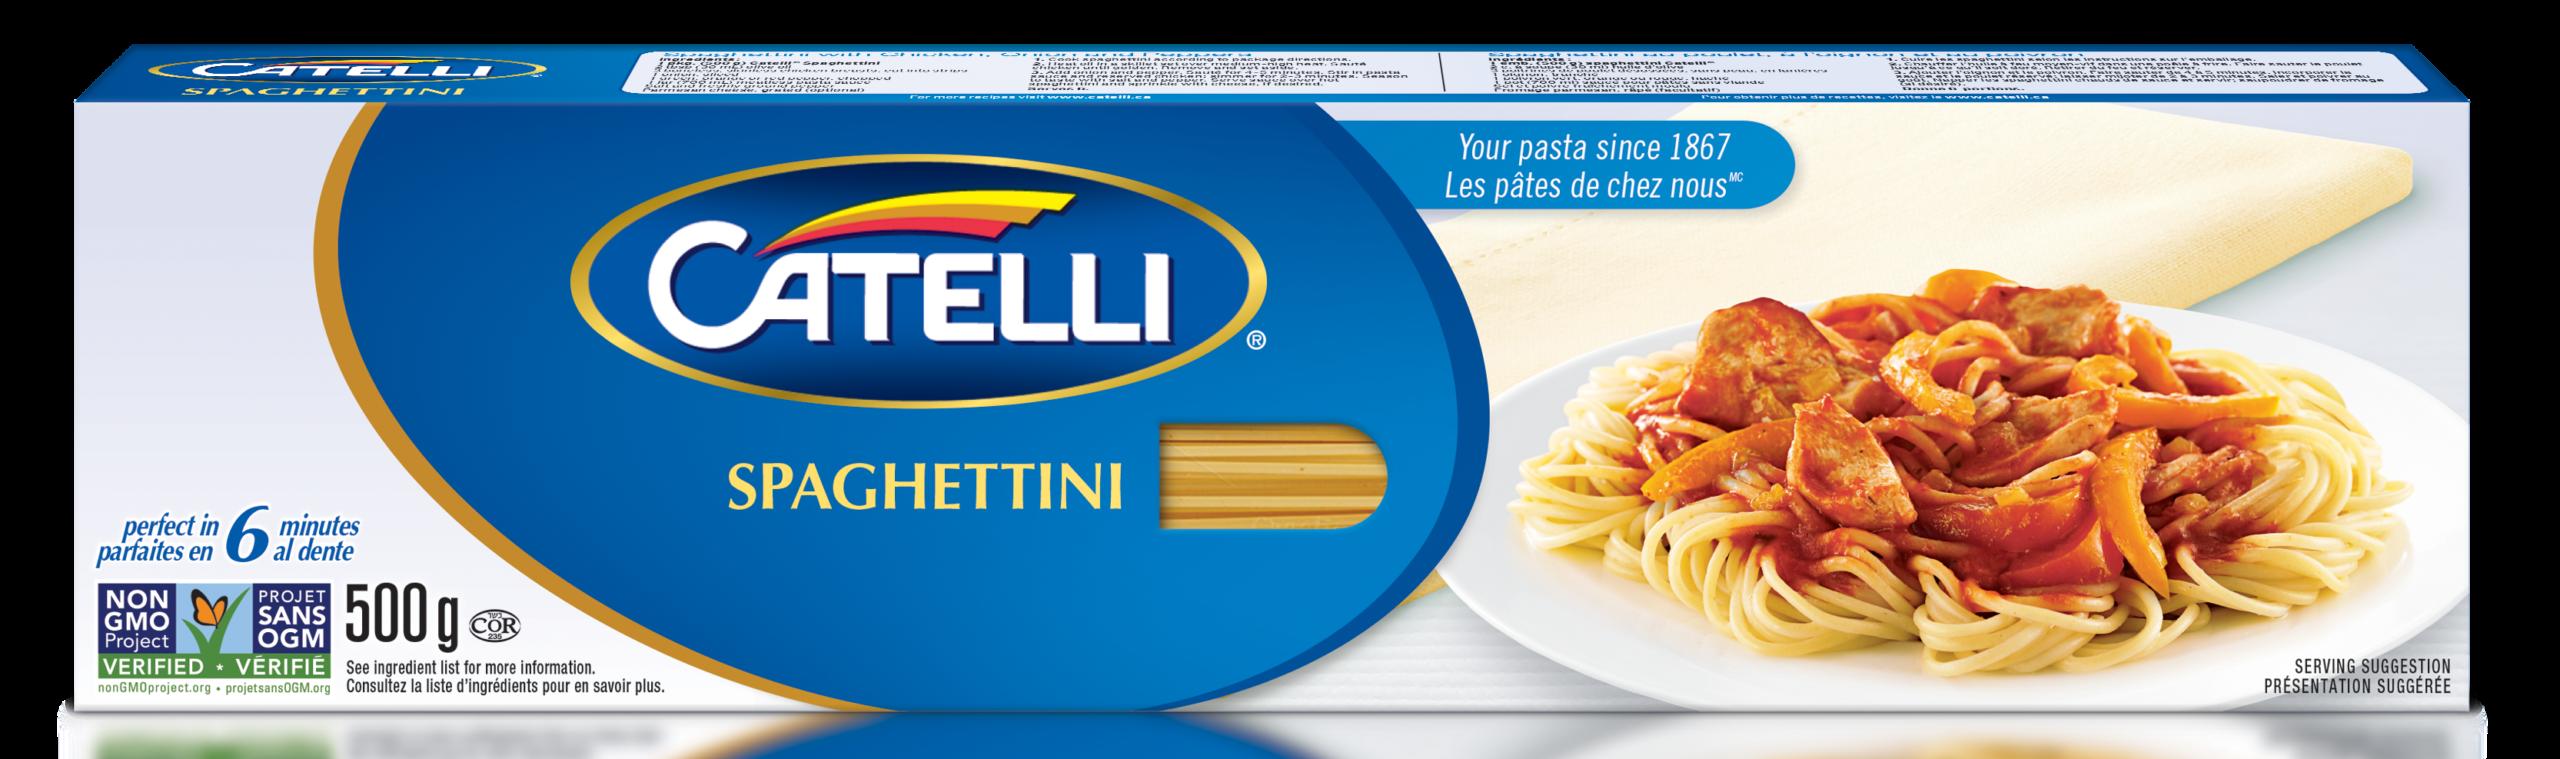 Catelli Classic Spaghettini